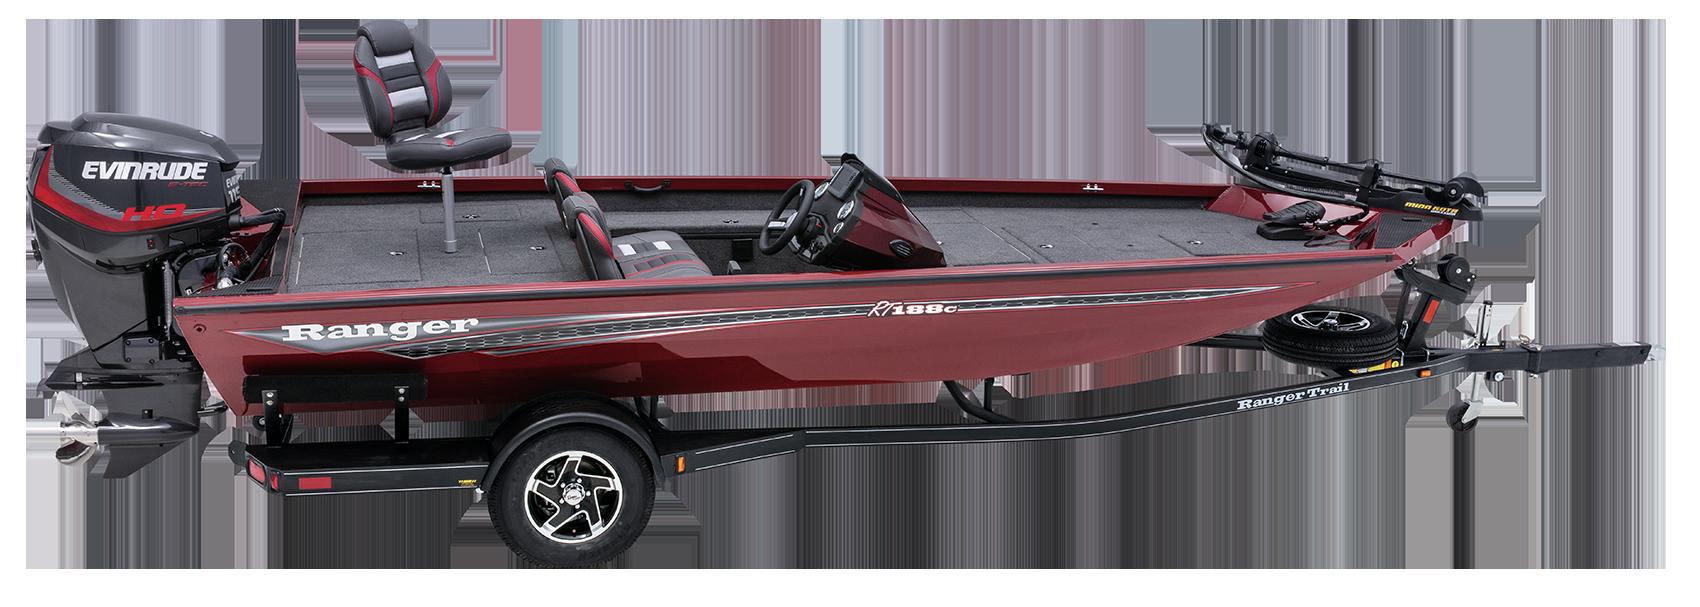 Ranger Boats Rt188c